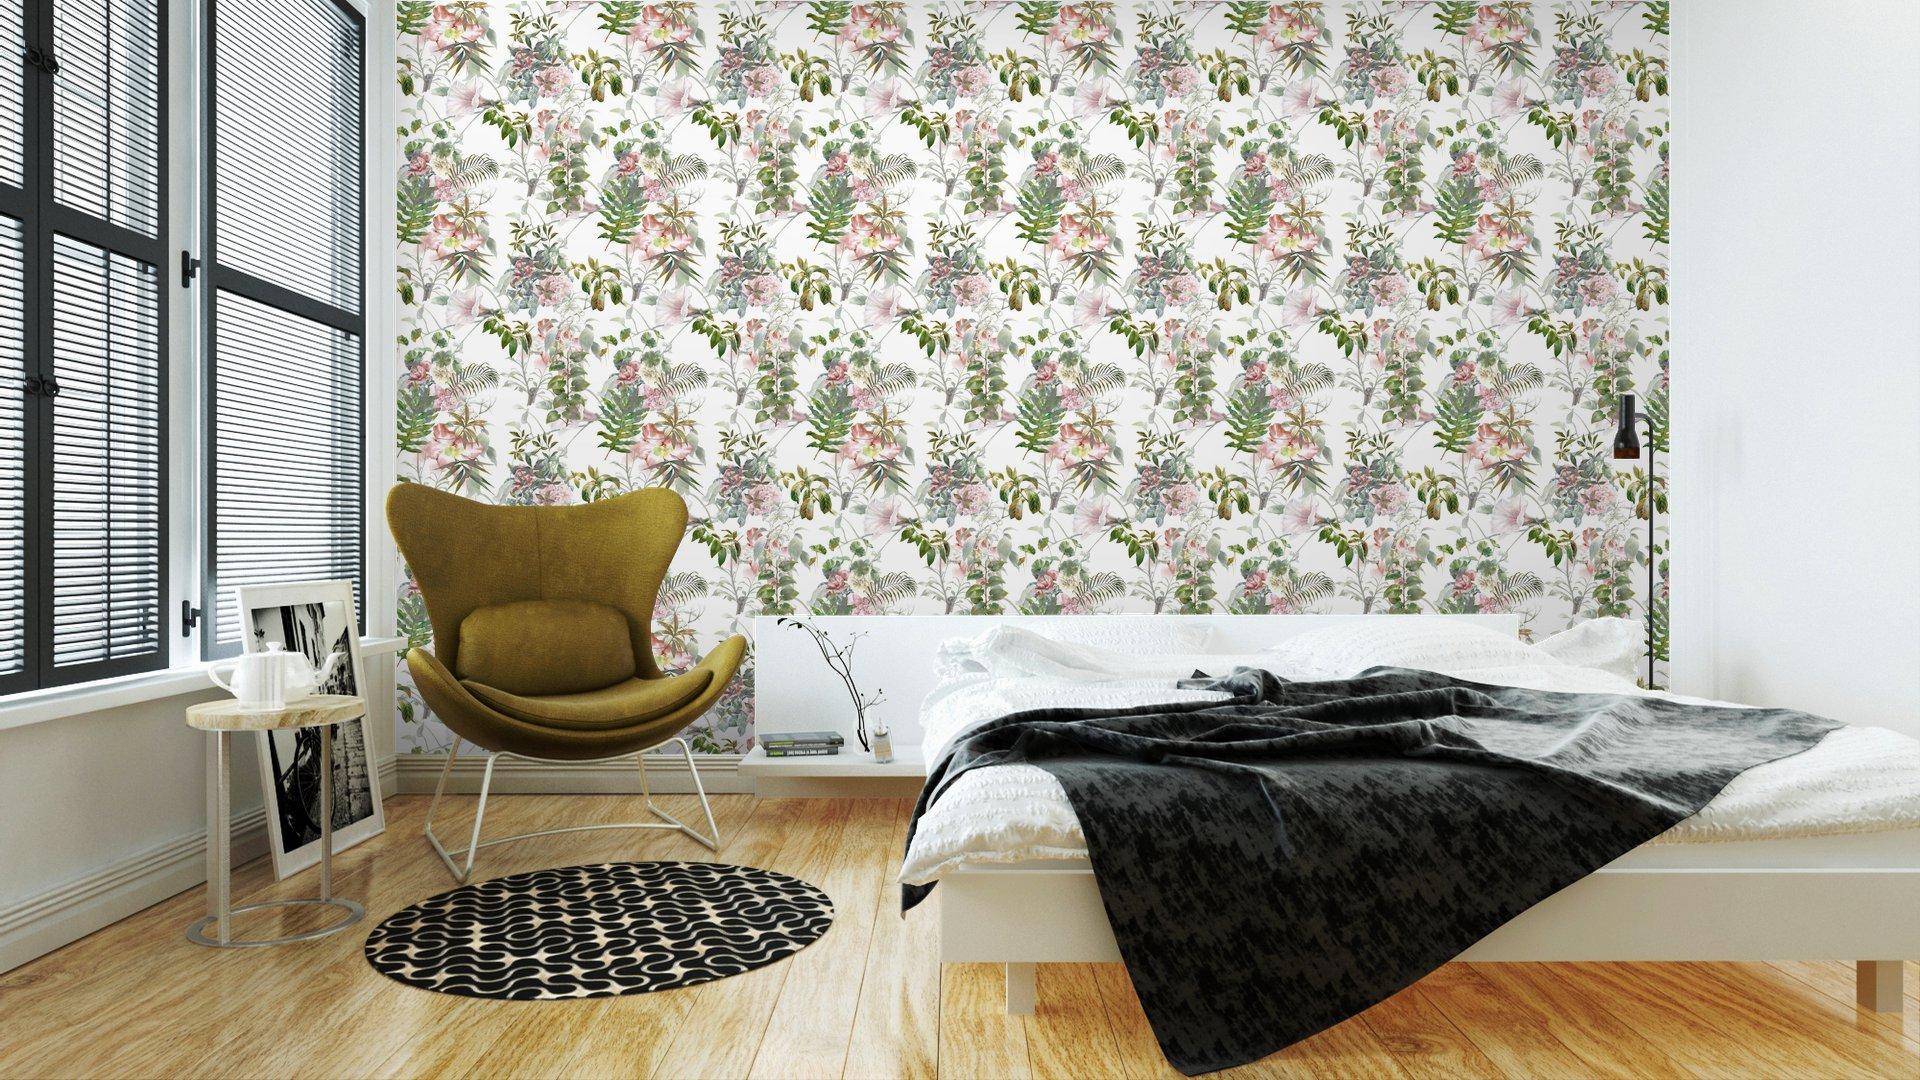 Fotomurales mexico papeles pintados lavables pintura de la acuarela de la hoja y las flores patron de fisuras en el fondo blanco 3 - PapelTapiz Hojas y Flores Tipo Acuarela en Fondo Blanco 01